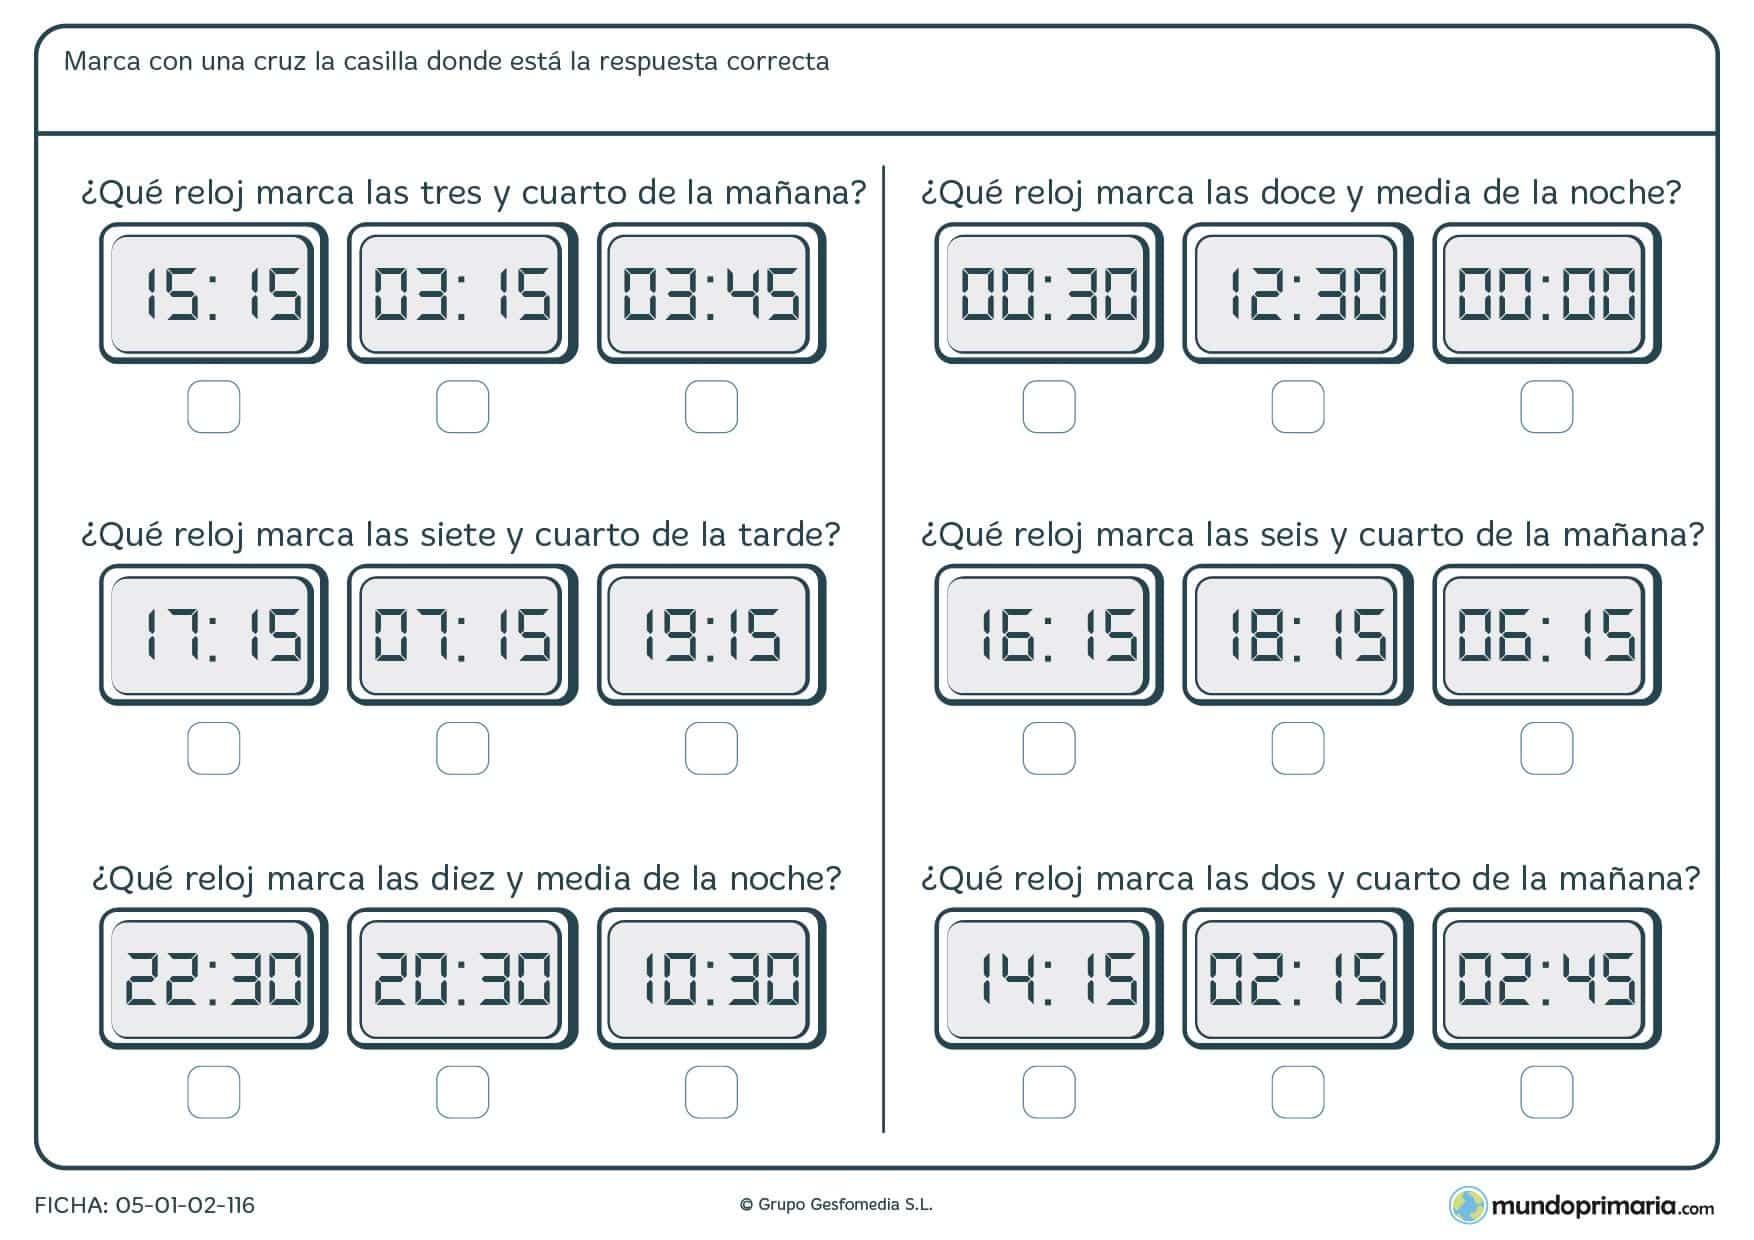 Ficha de horas en digital en la que se presentan 6 grupos de relojes digitales y tenemos que señalar la hora correcta.